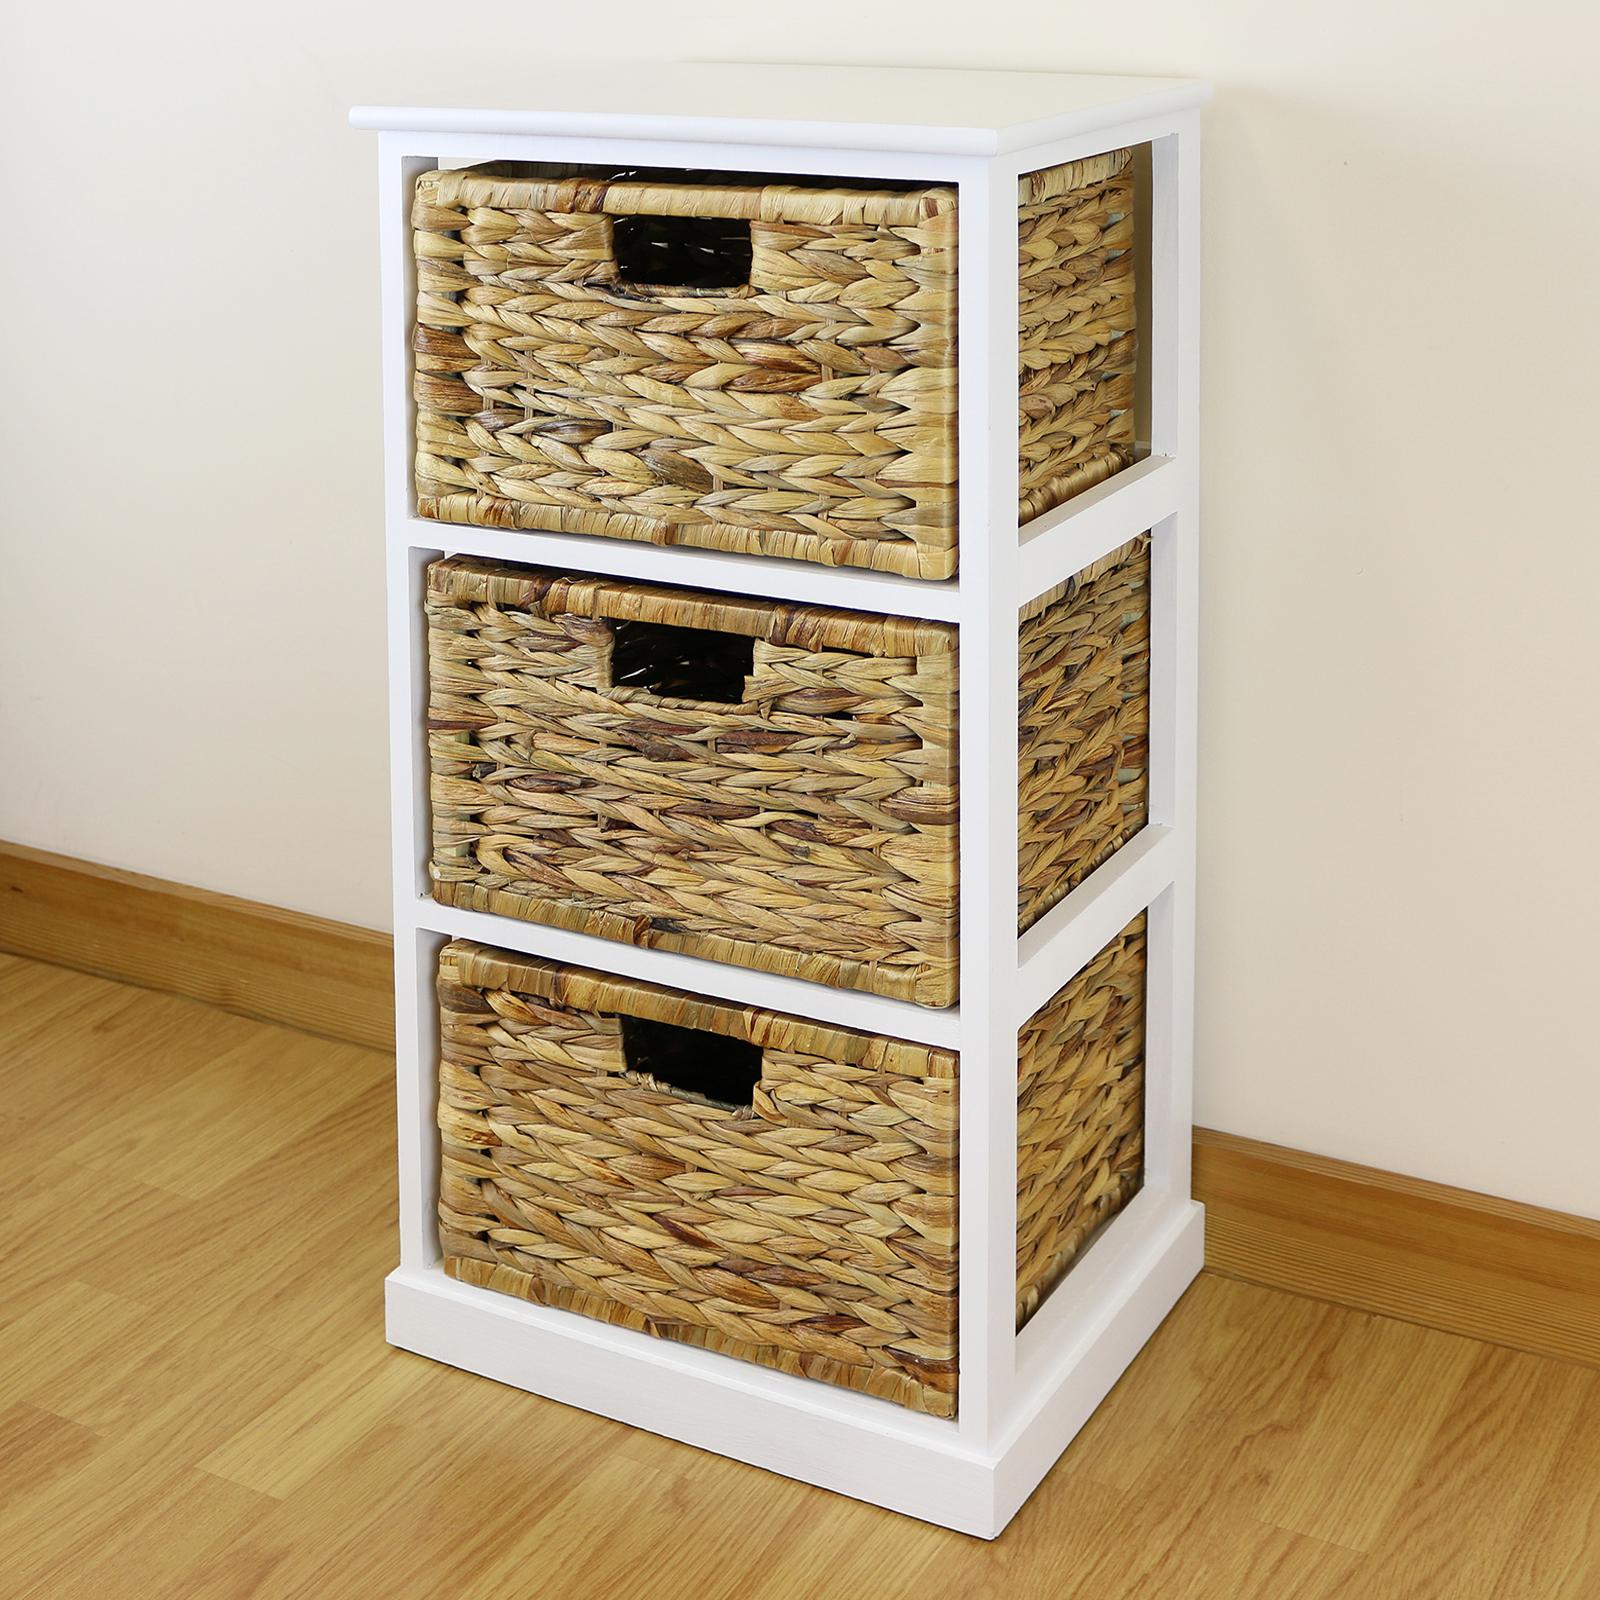 3 Basket Drawer Bathroom Storage Unit Cabinet white 3 drawer basket bedside cabinet/home storage unit/lounge